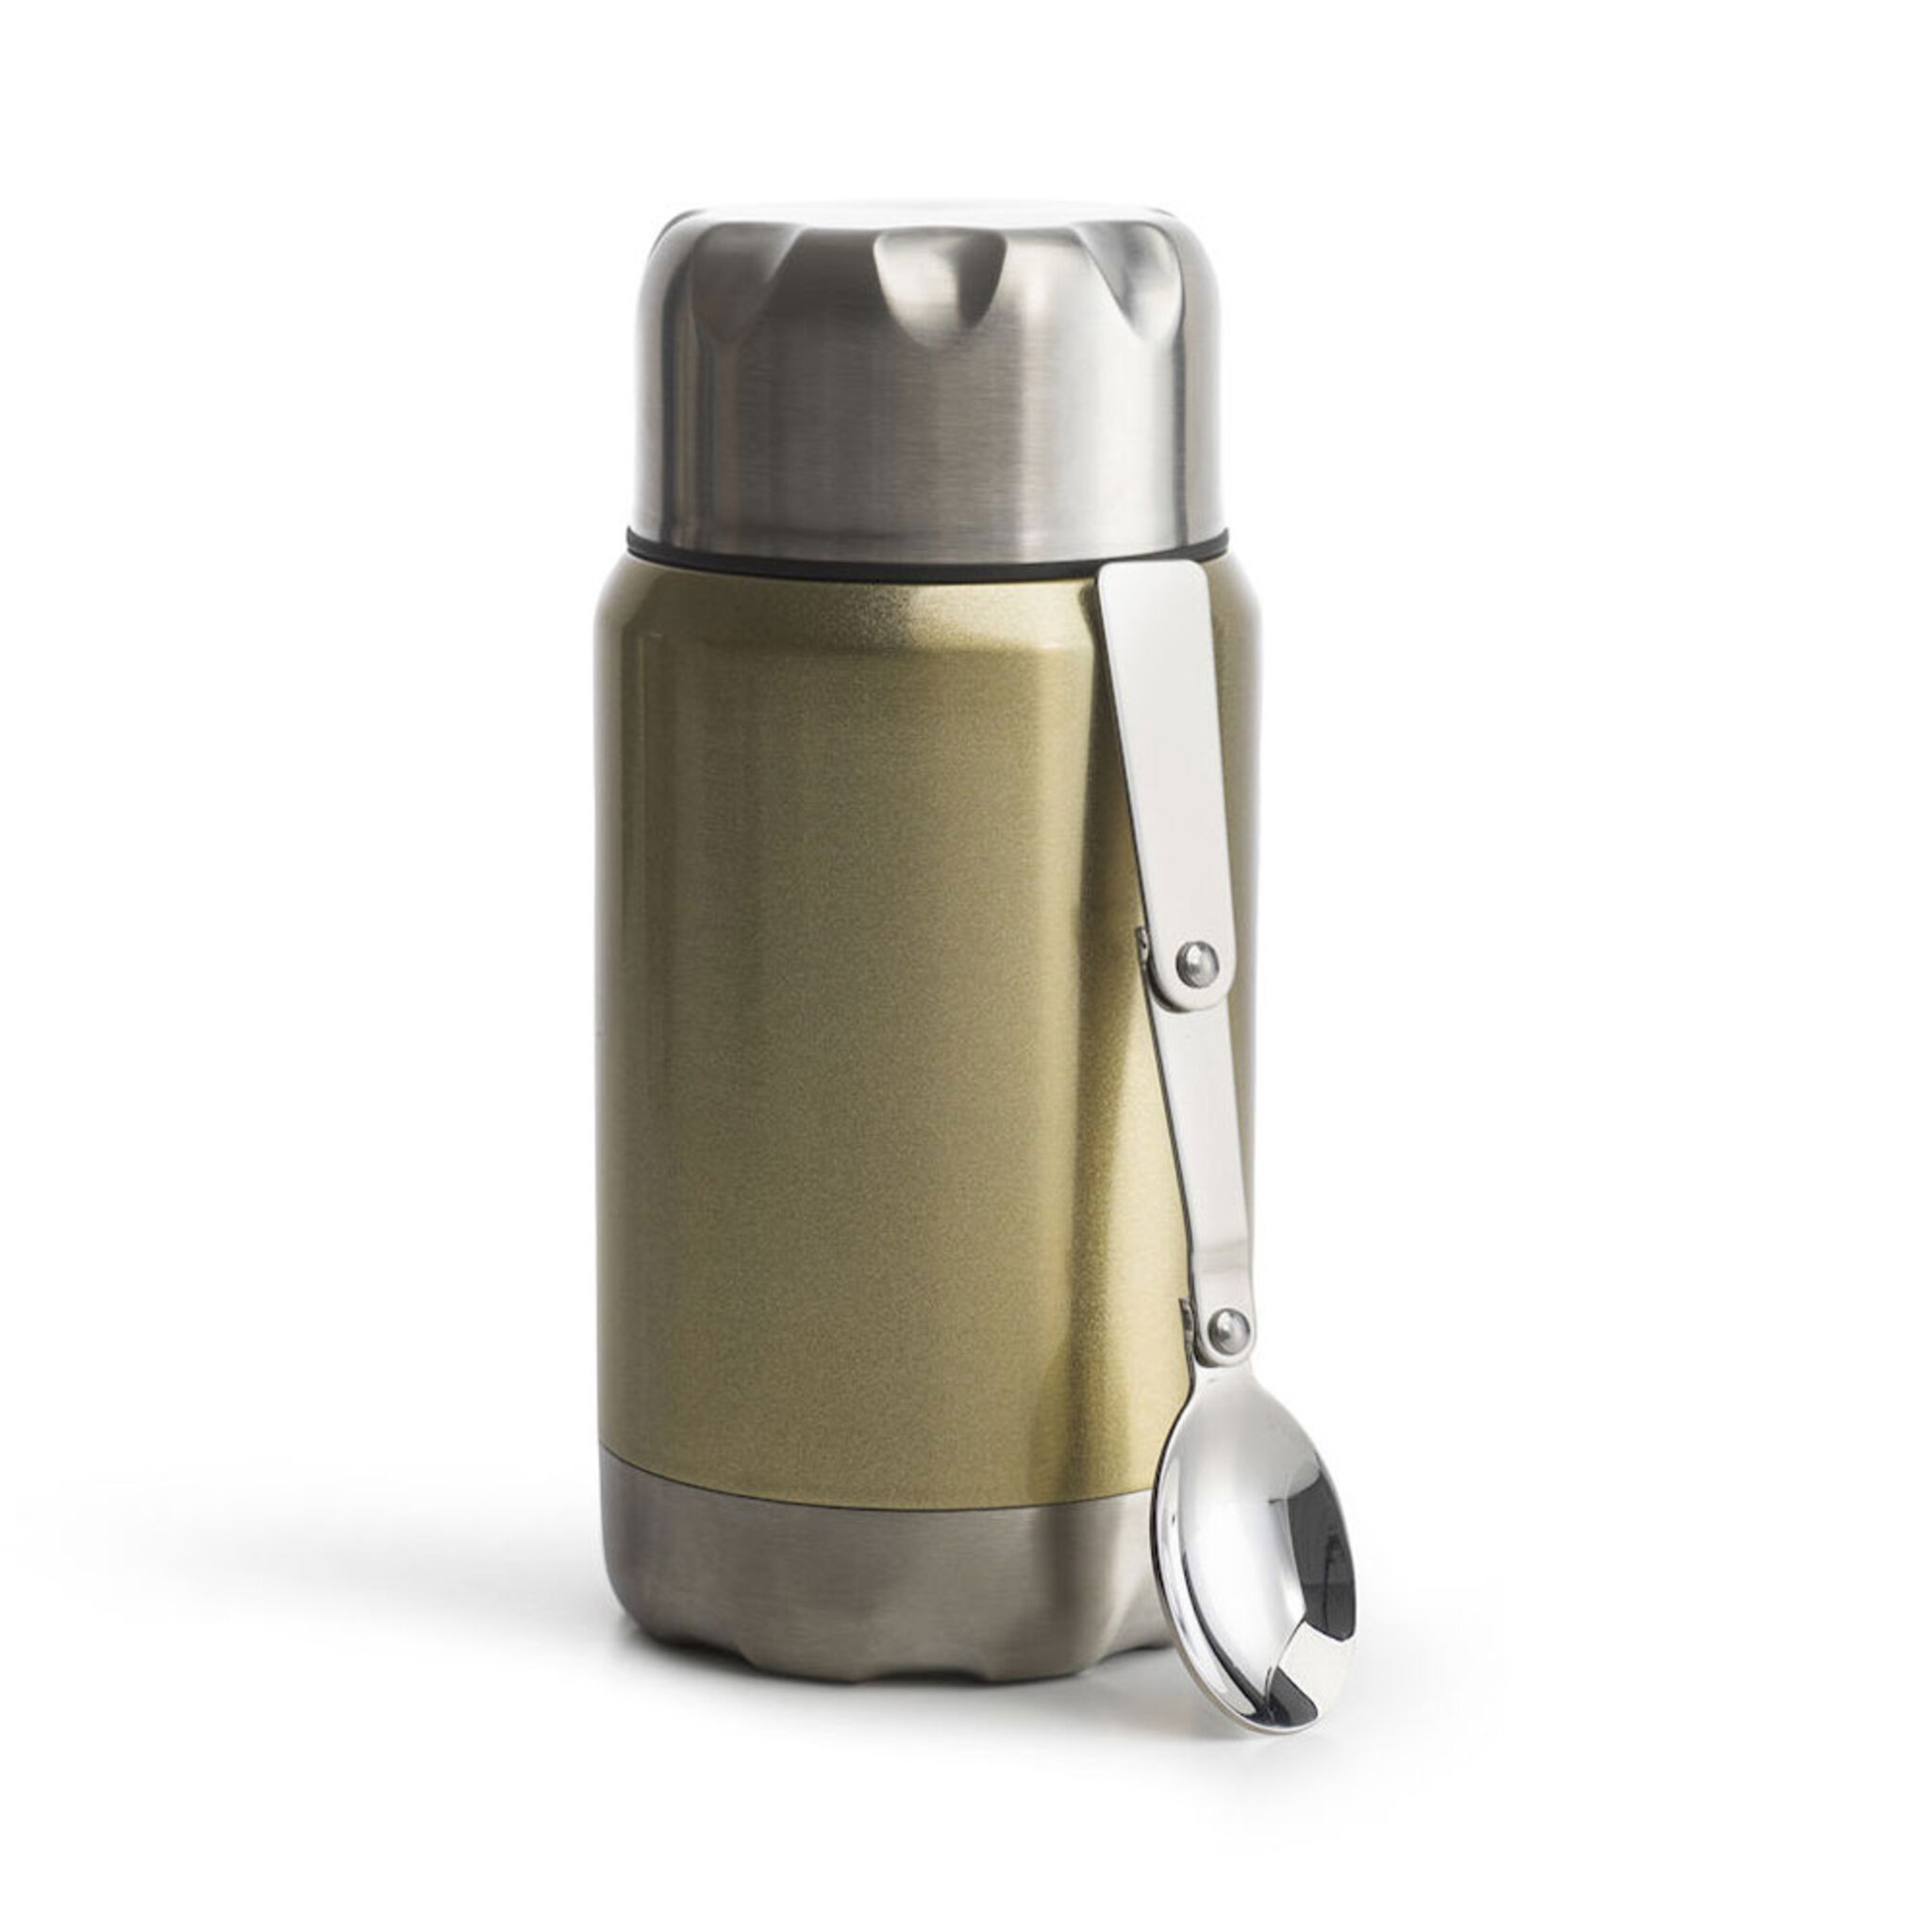 Mattermos guld 600 ml 600 ml H 200 mm Ø 90 mm